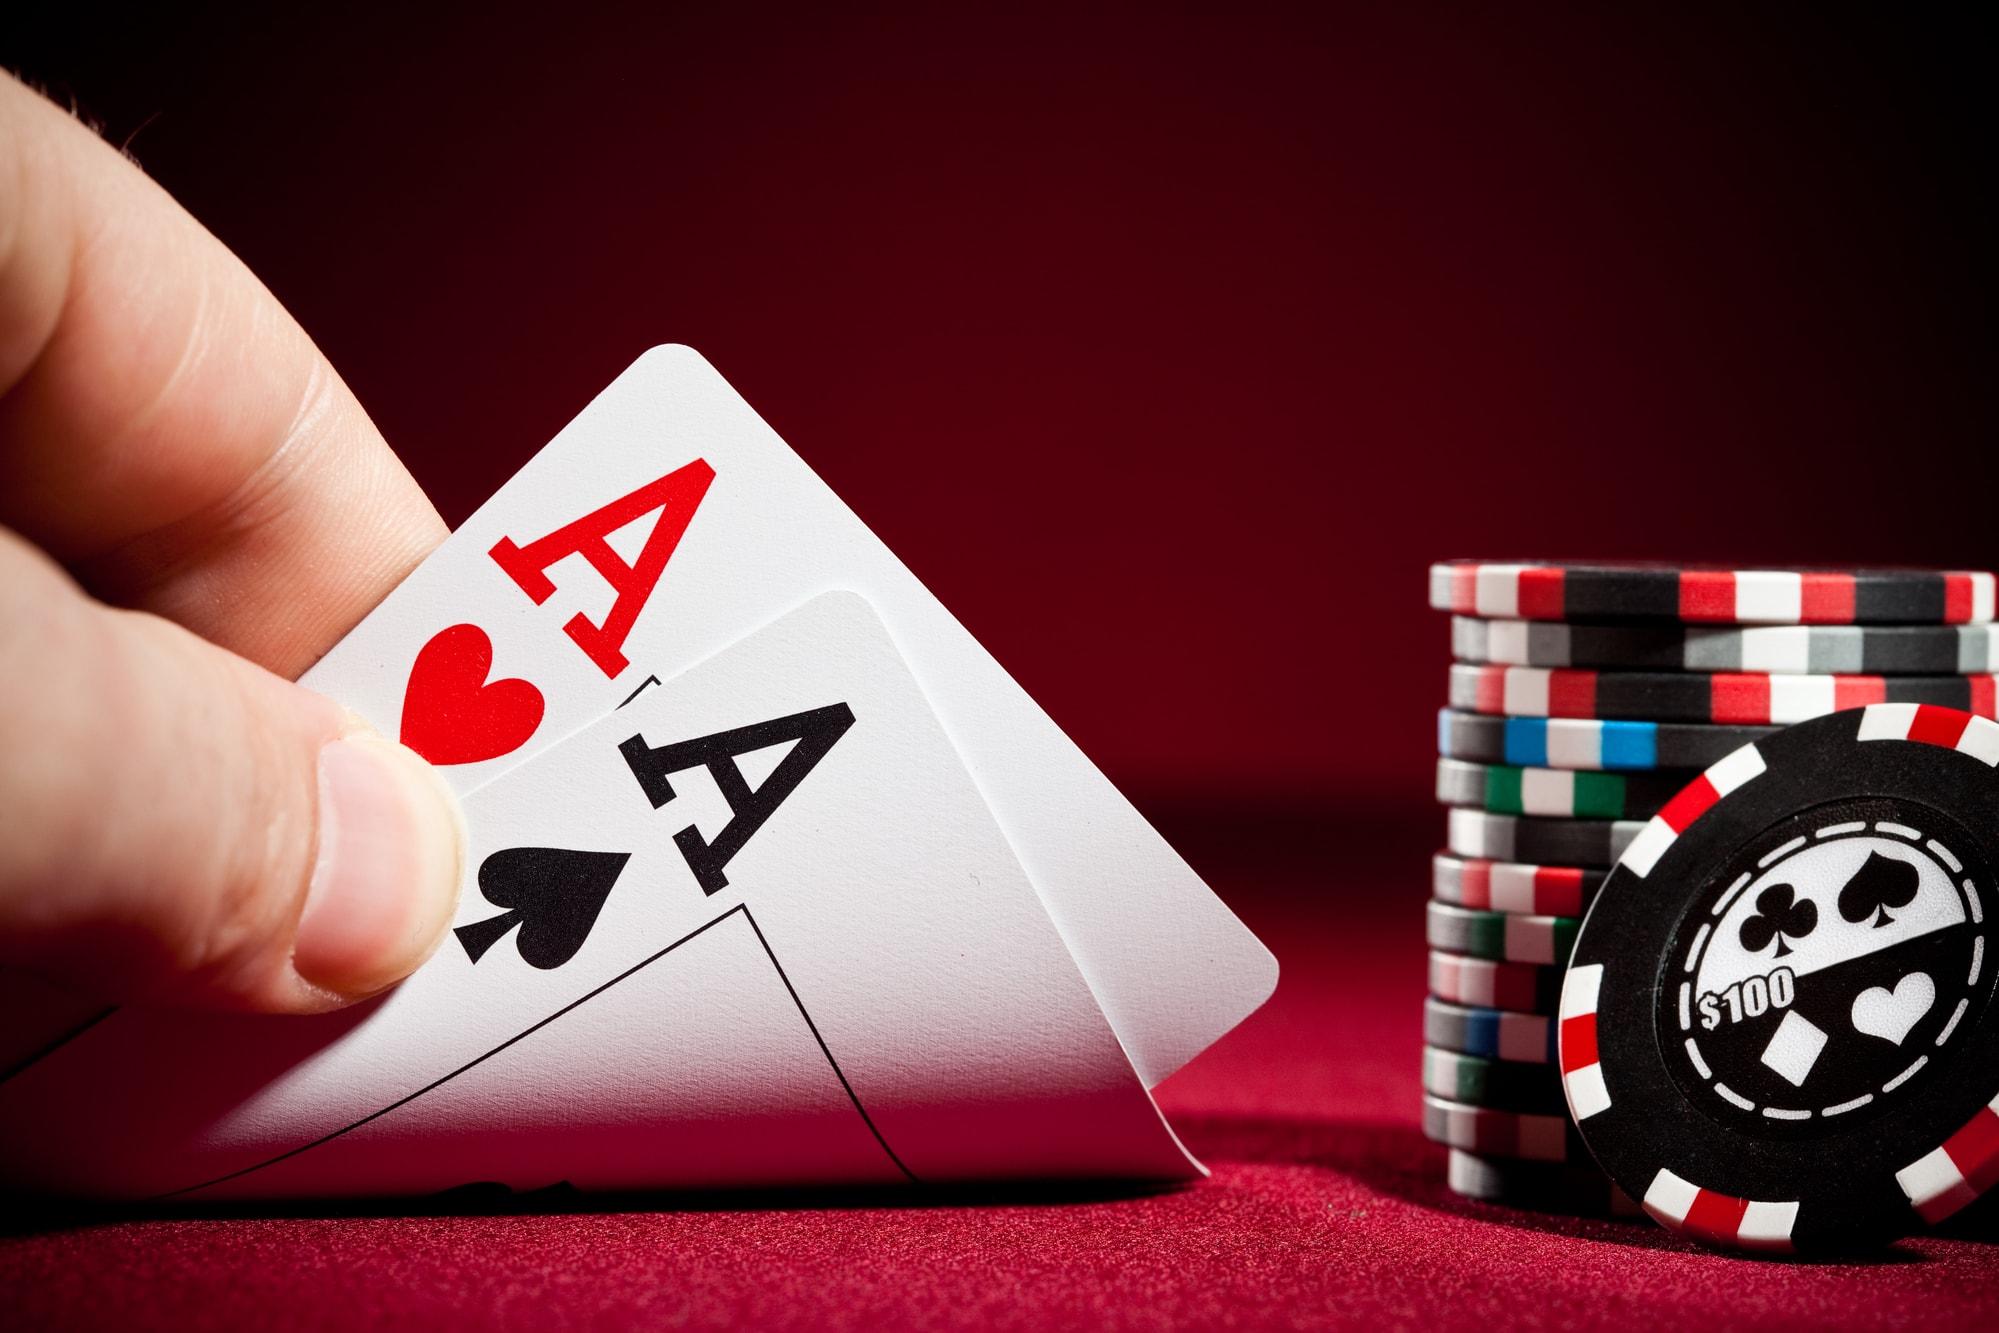 Режиссер фильма «Казино Рояль» признал ошибку в сцене с покером